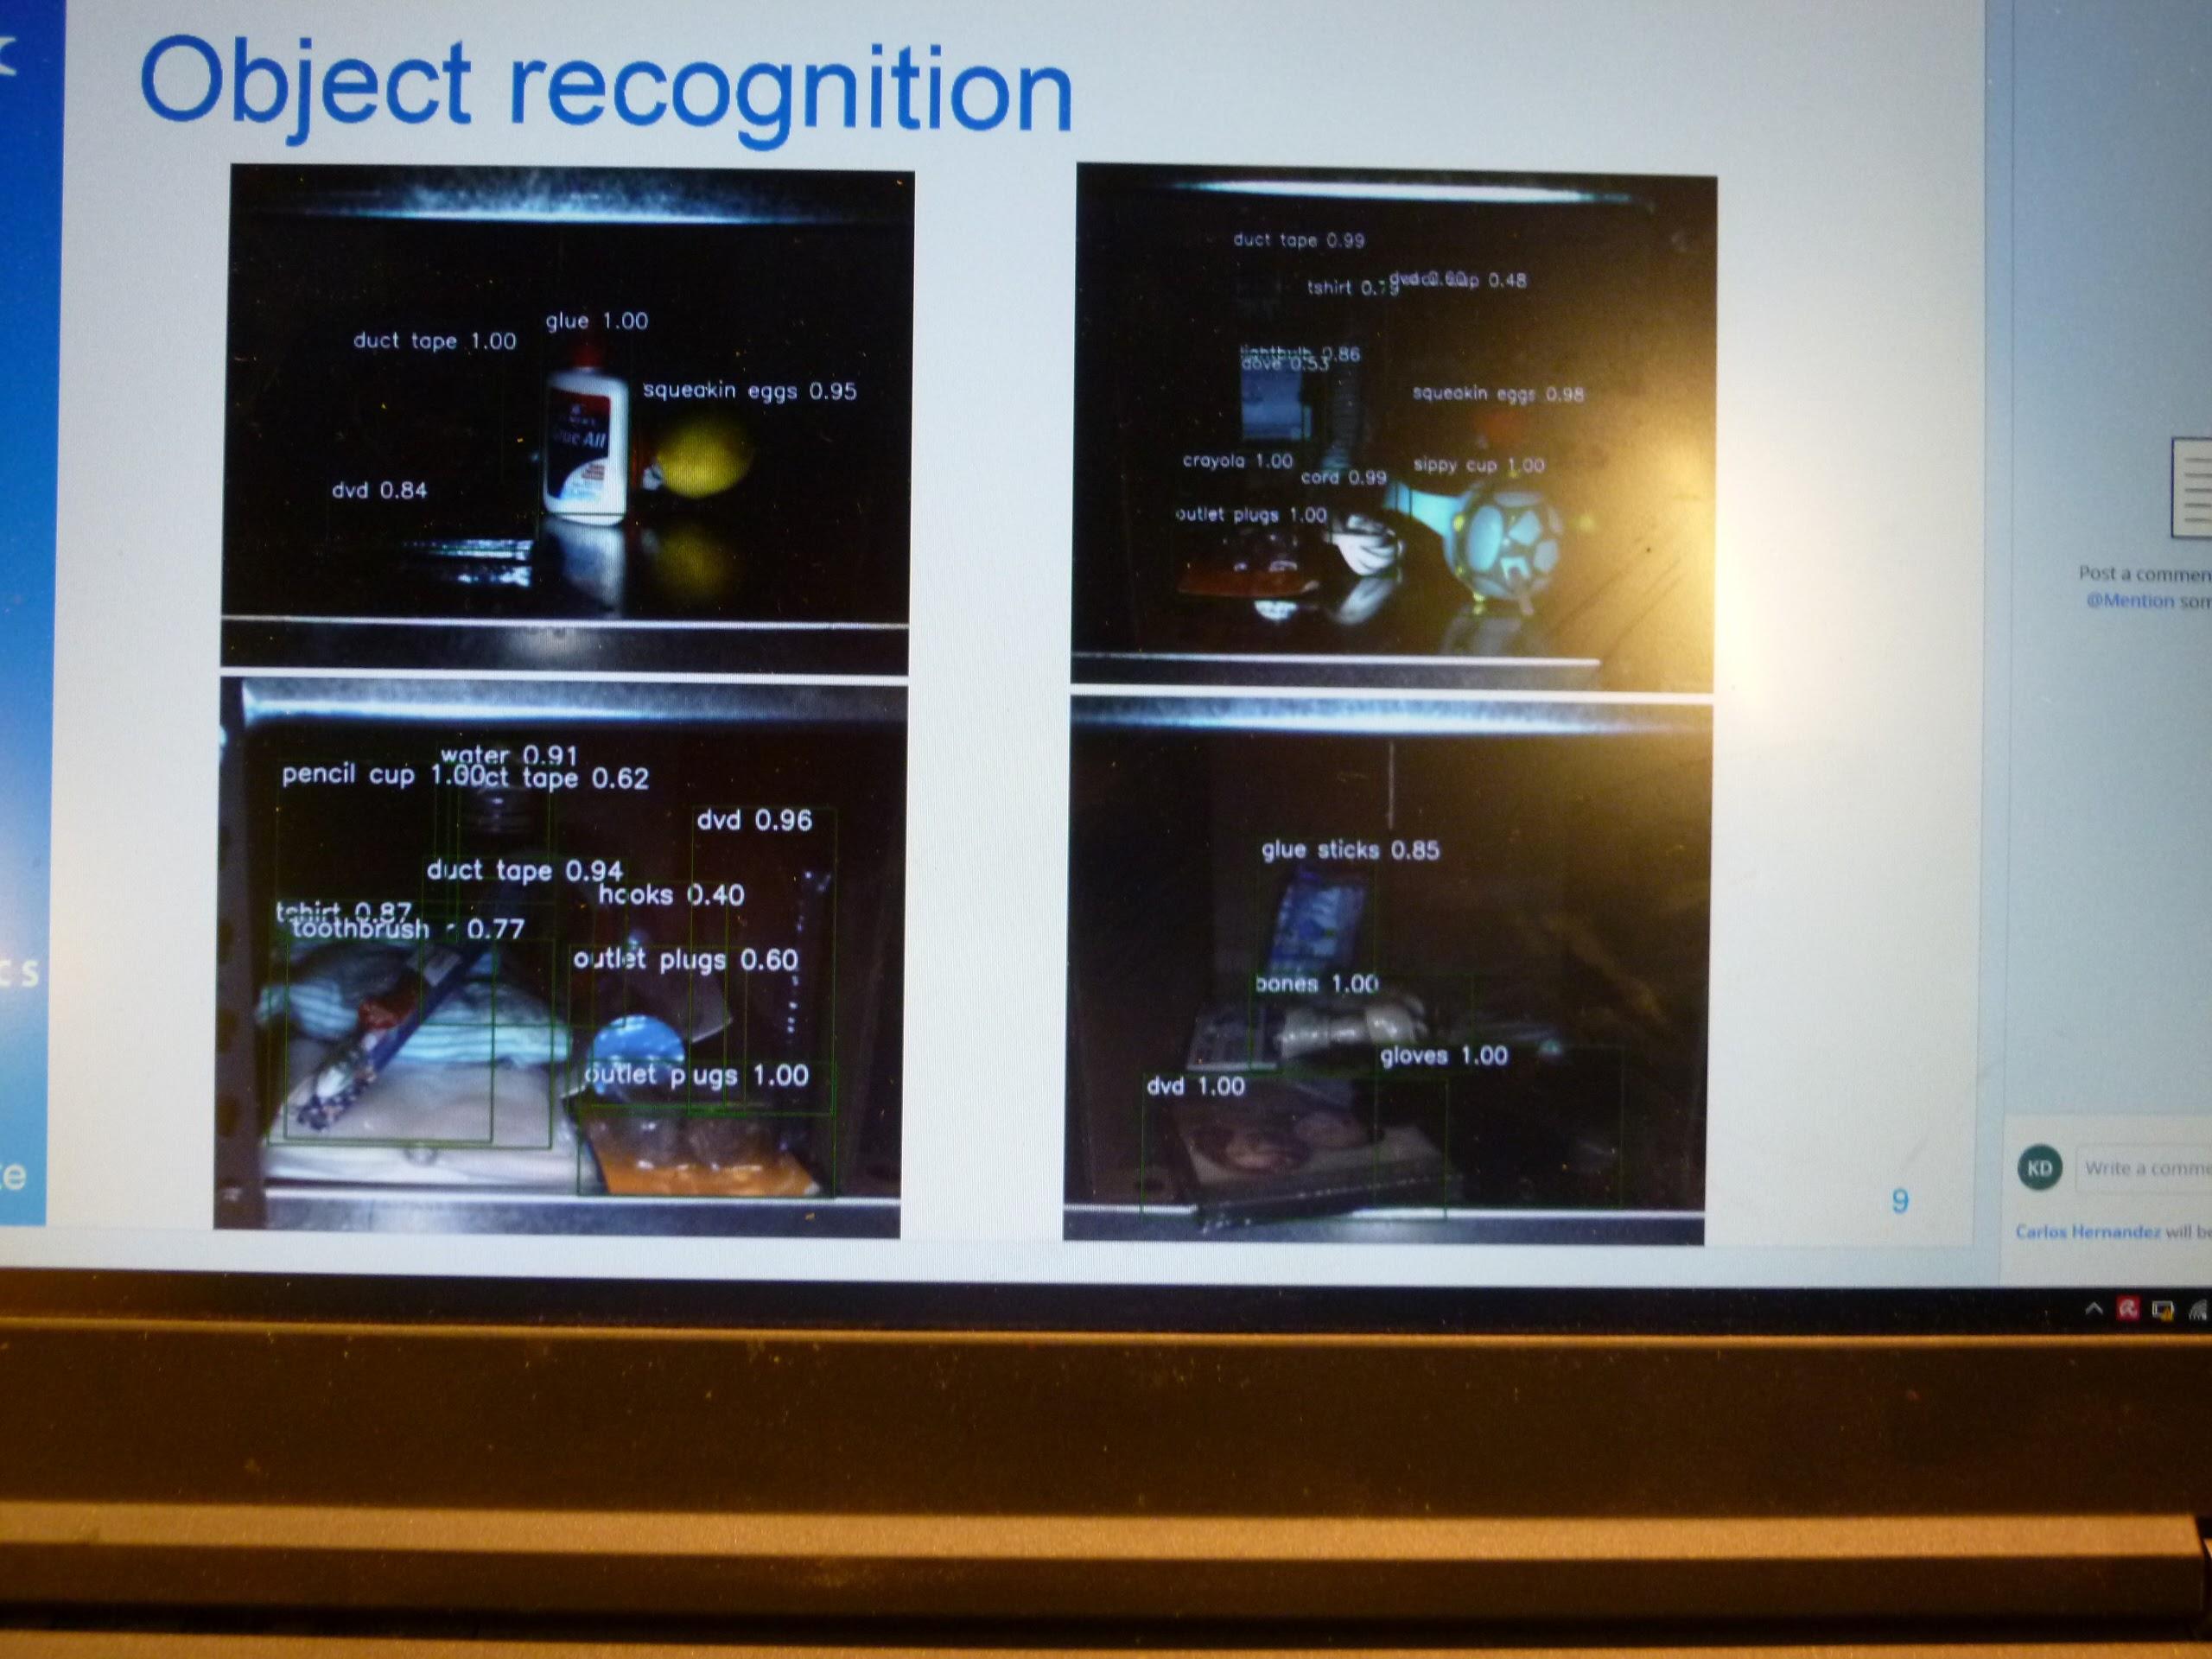 深層学習技術を用いて、アイテムを特定する、という説明で見せてもらった画面